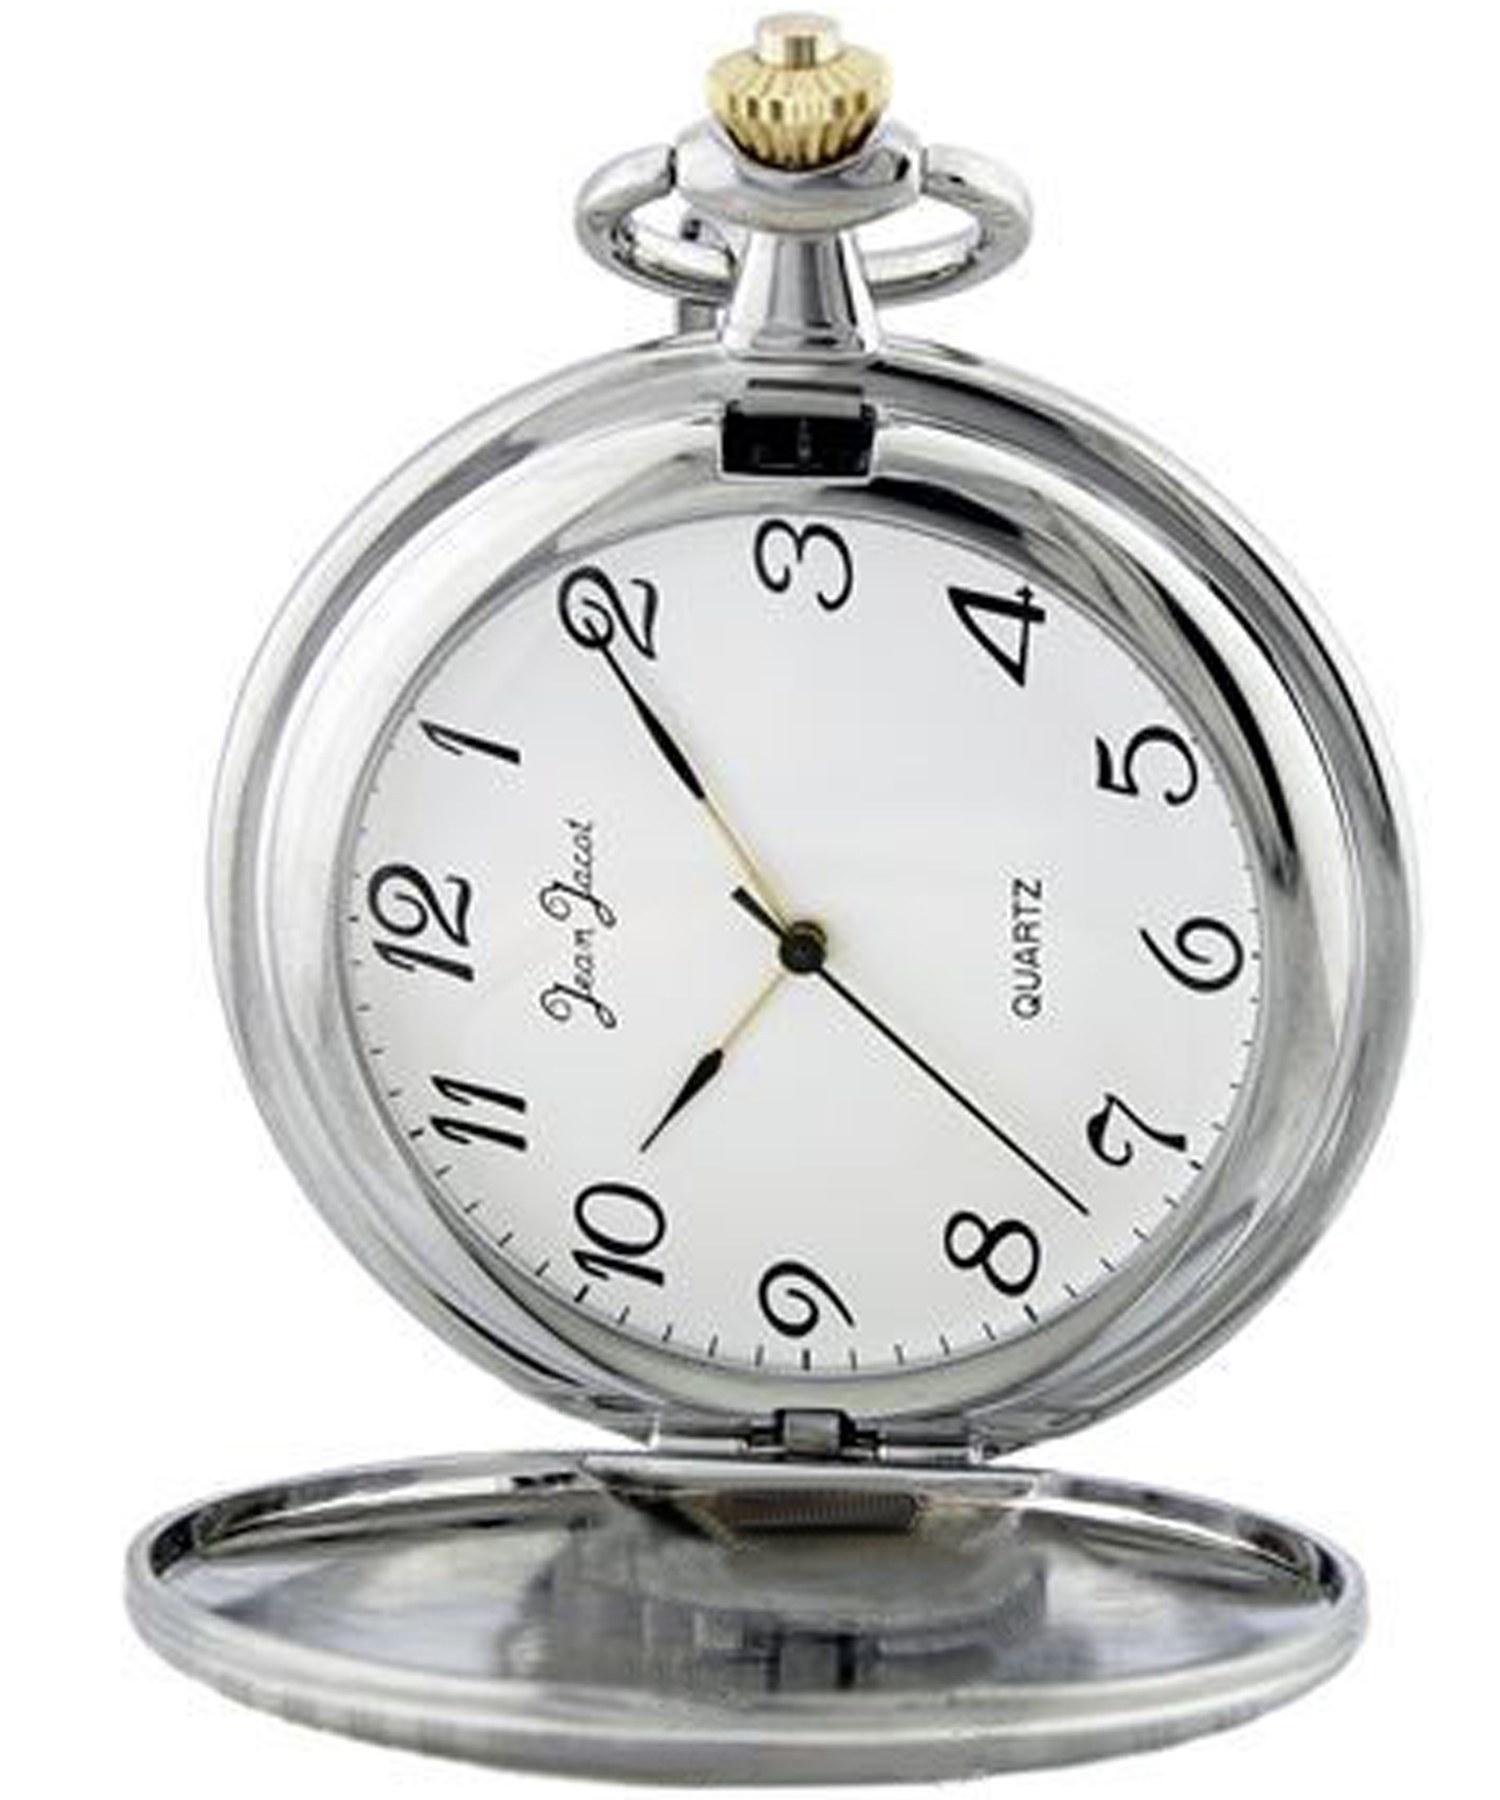 تصویر ساعت جیبی مردانه ژان ژاکت ، کد 1037-QT